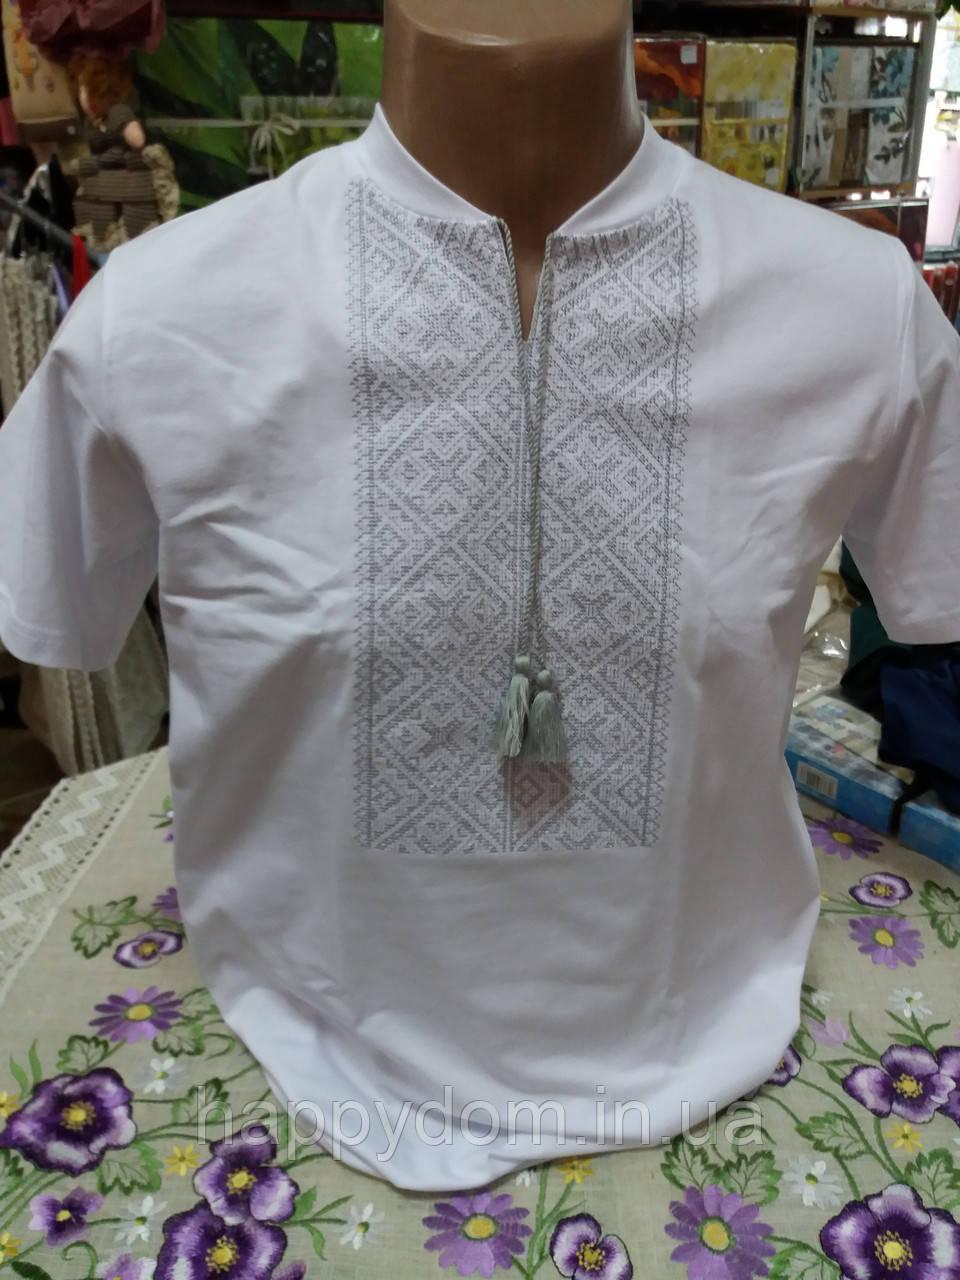 Вышиванка мужская футболка белая